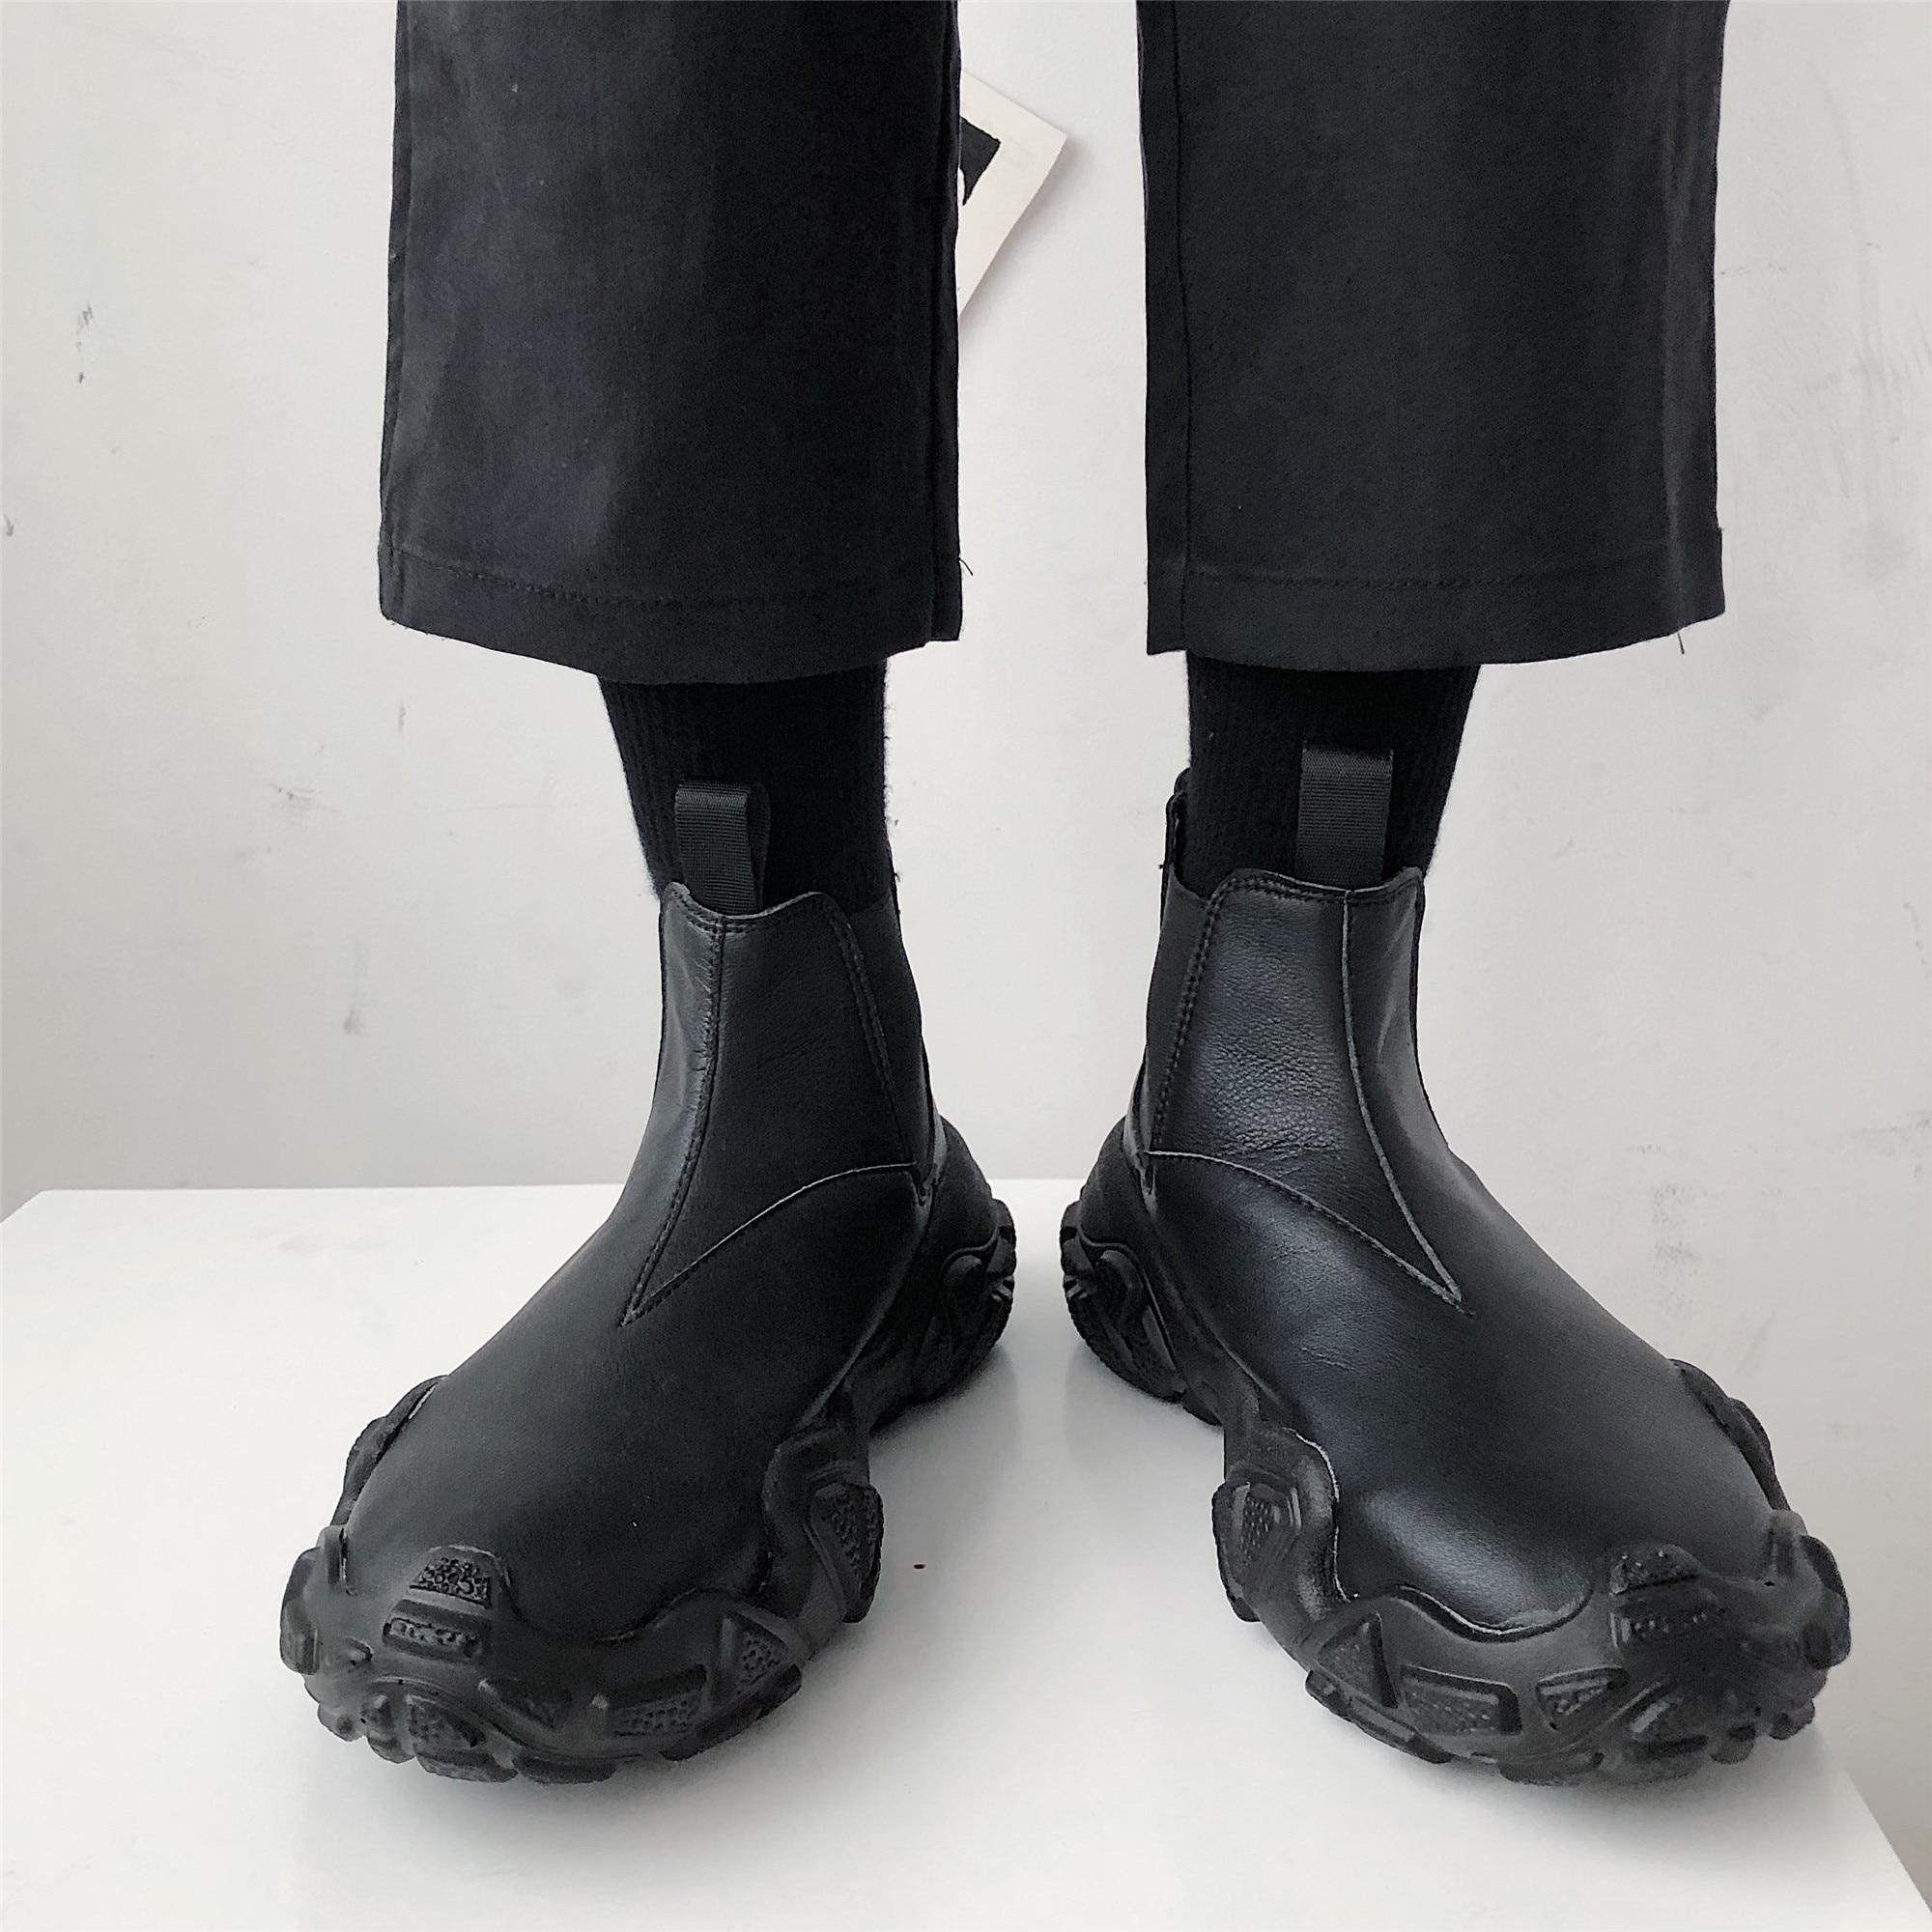 حذاء رجالي تشيلسي مارتن عالي الجودة ، حذاء جلد على الطراز الإنجليزي ، حذاء كاجوال ، حذاء أسود مريح